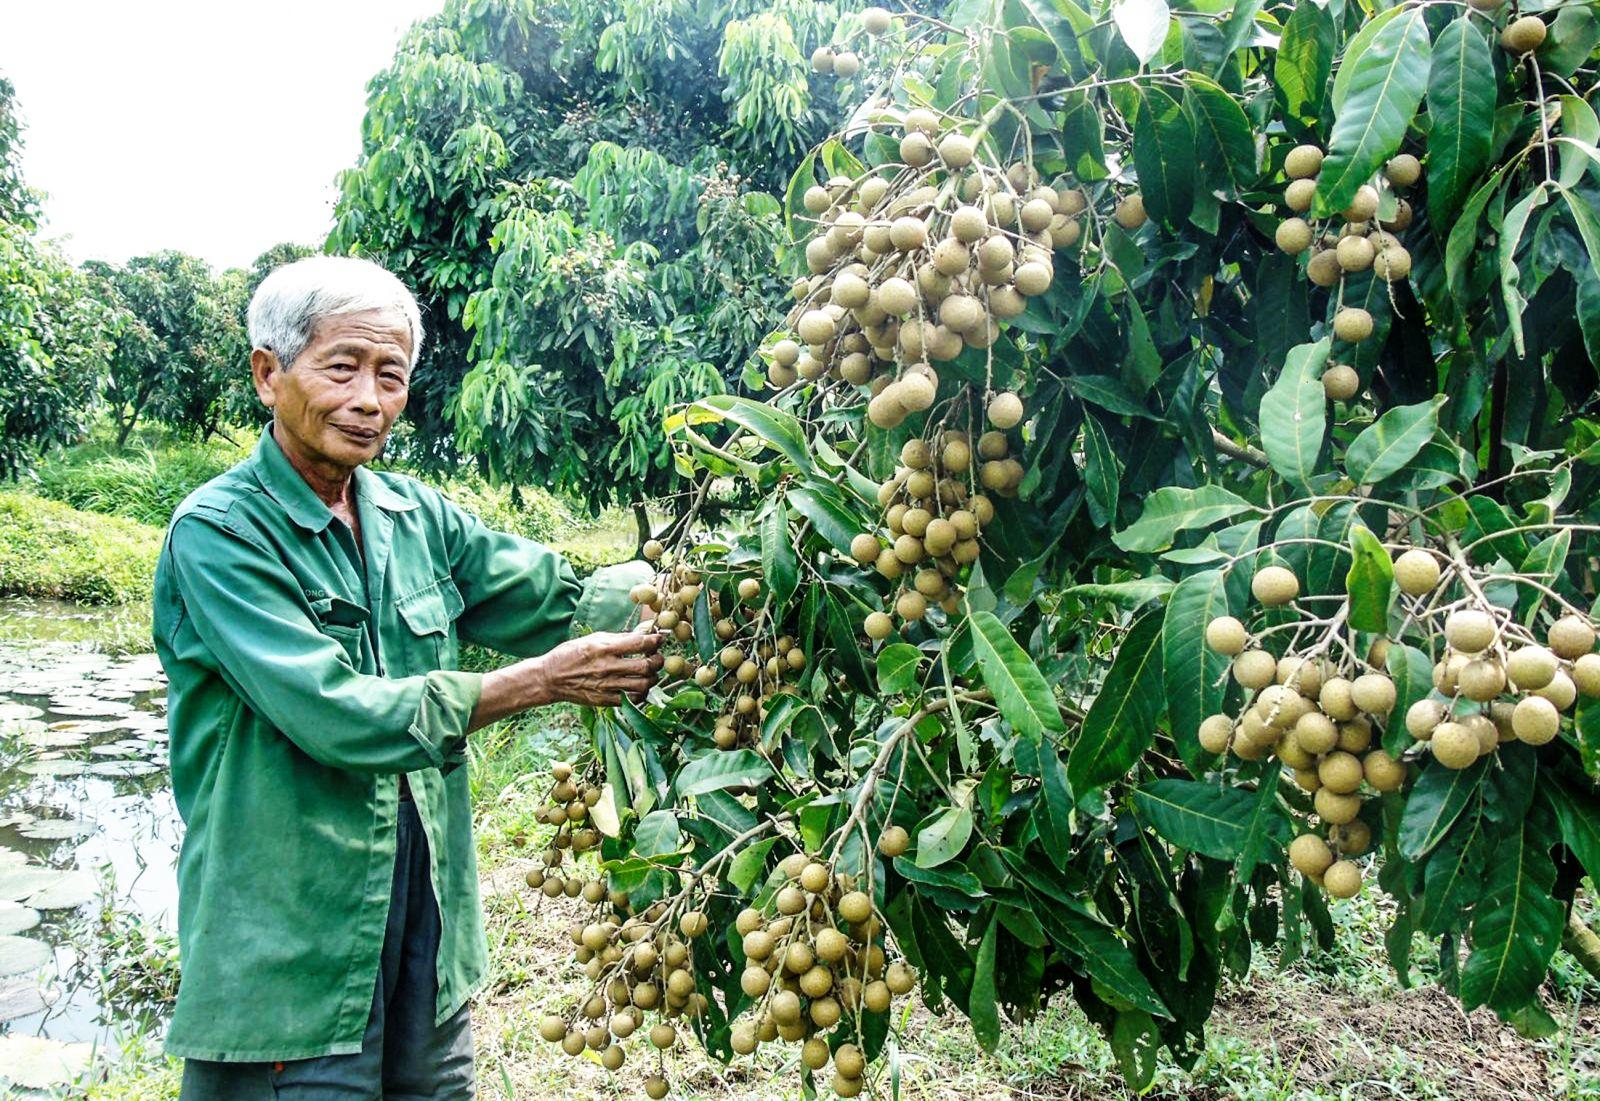 Nông dân xã Định Môn trồng nhãn IDO cho hiệu quả kinh tế cao. Ảnh: NGỌC QUYÊN